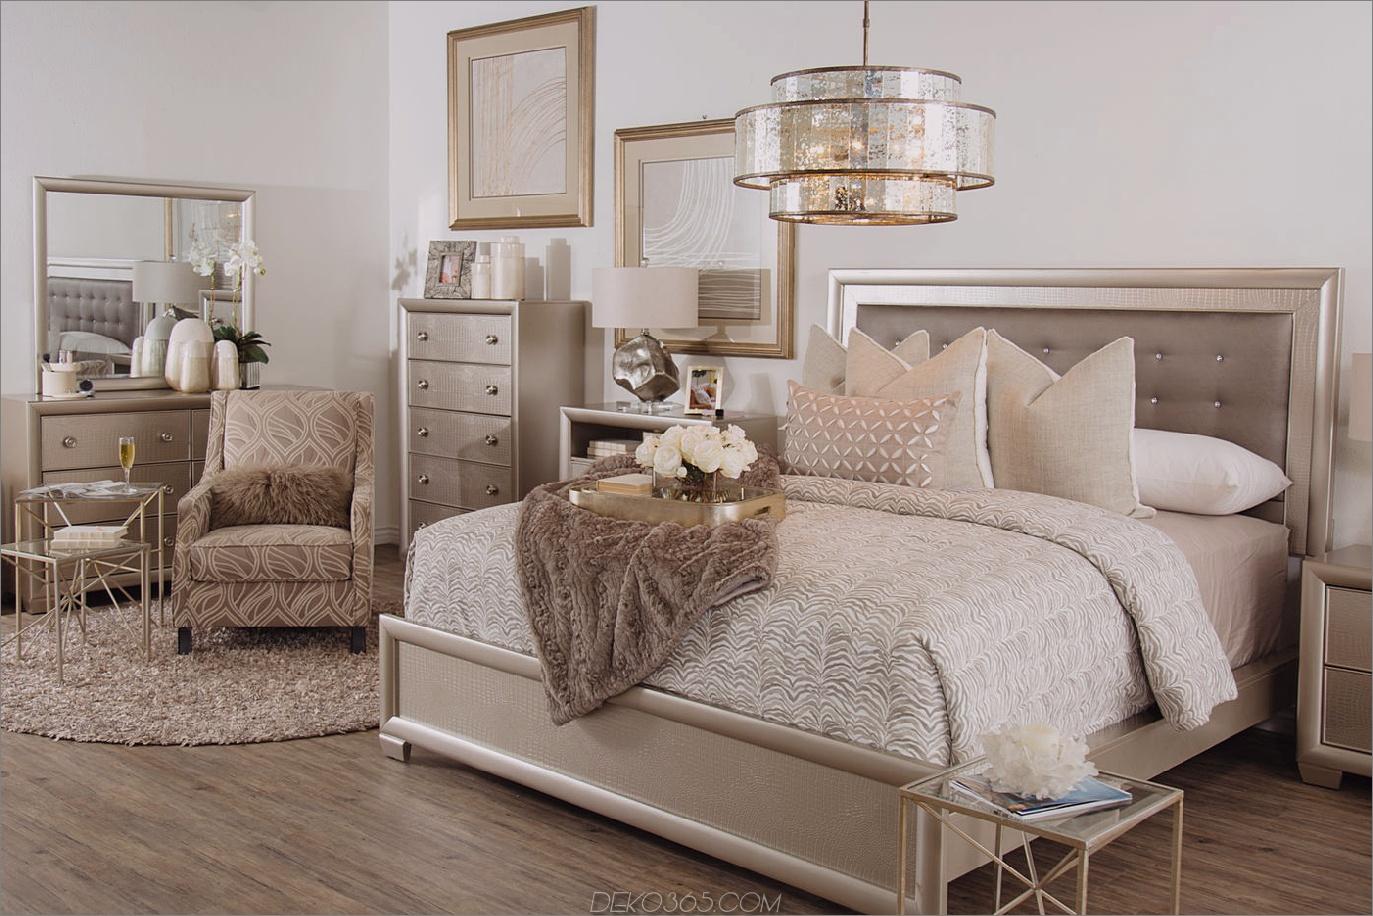 strukturiertes Schlafzimmer 2 12 Möglichkeiten, ein gemütliches Zimmer für den Herbst zu schaffen